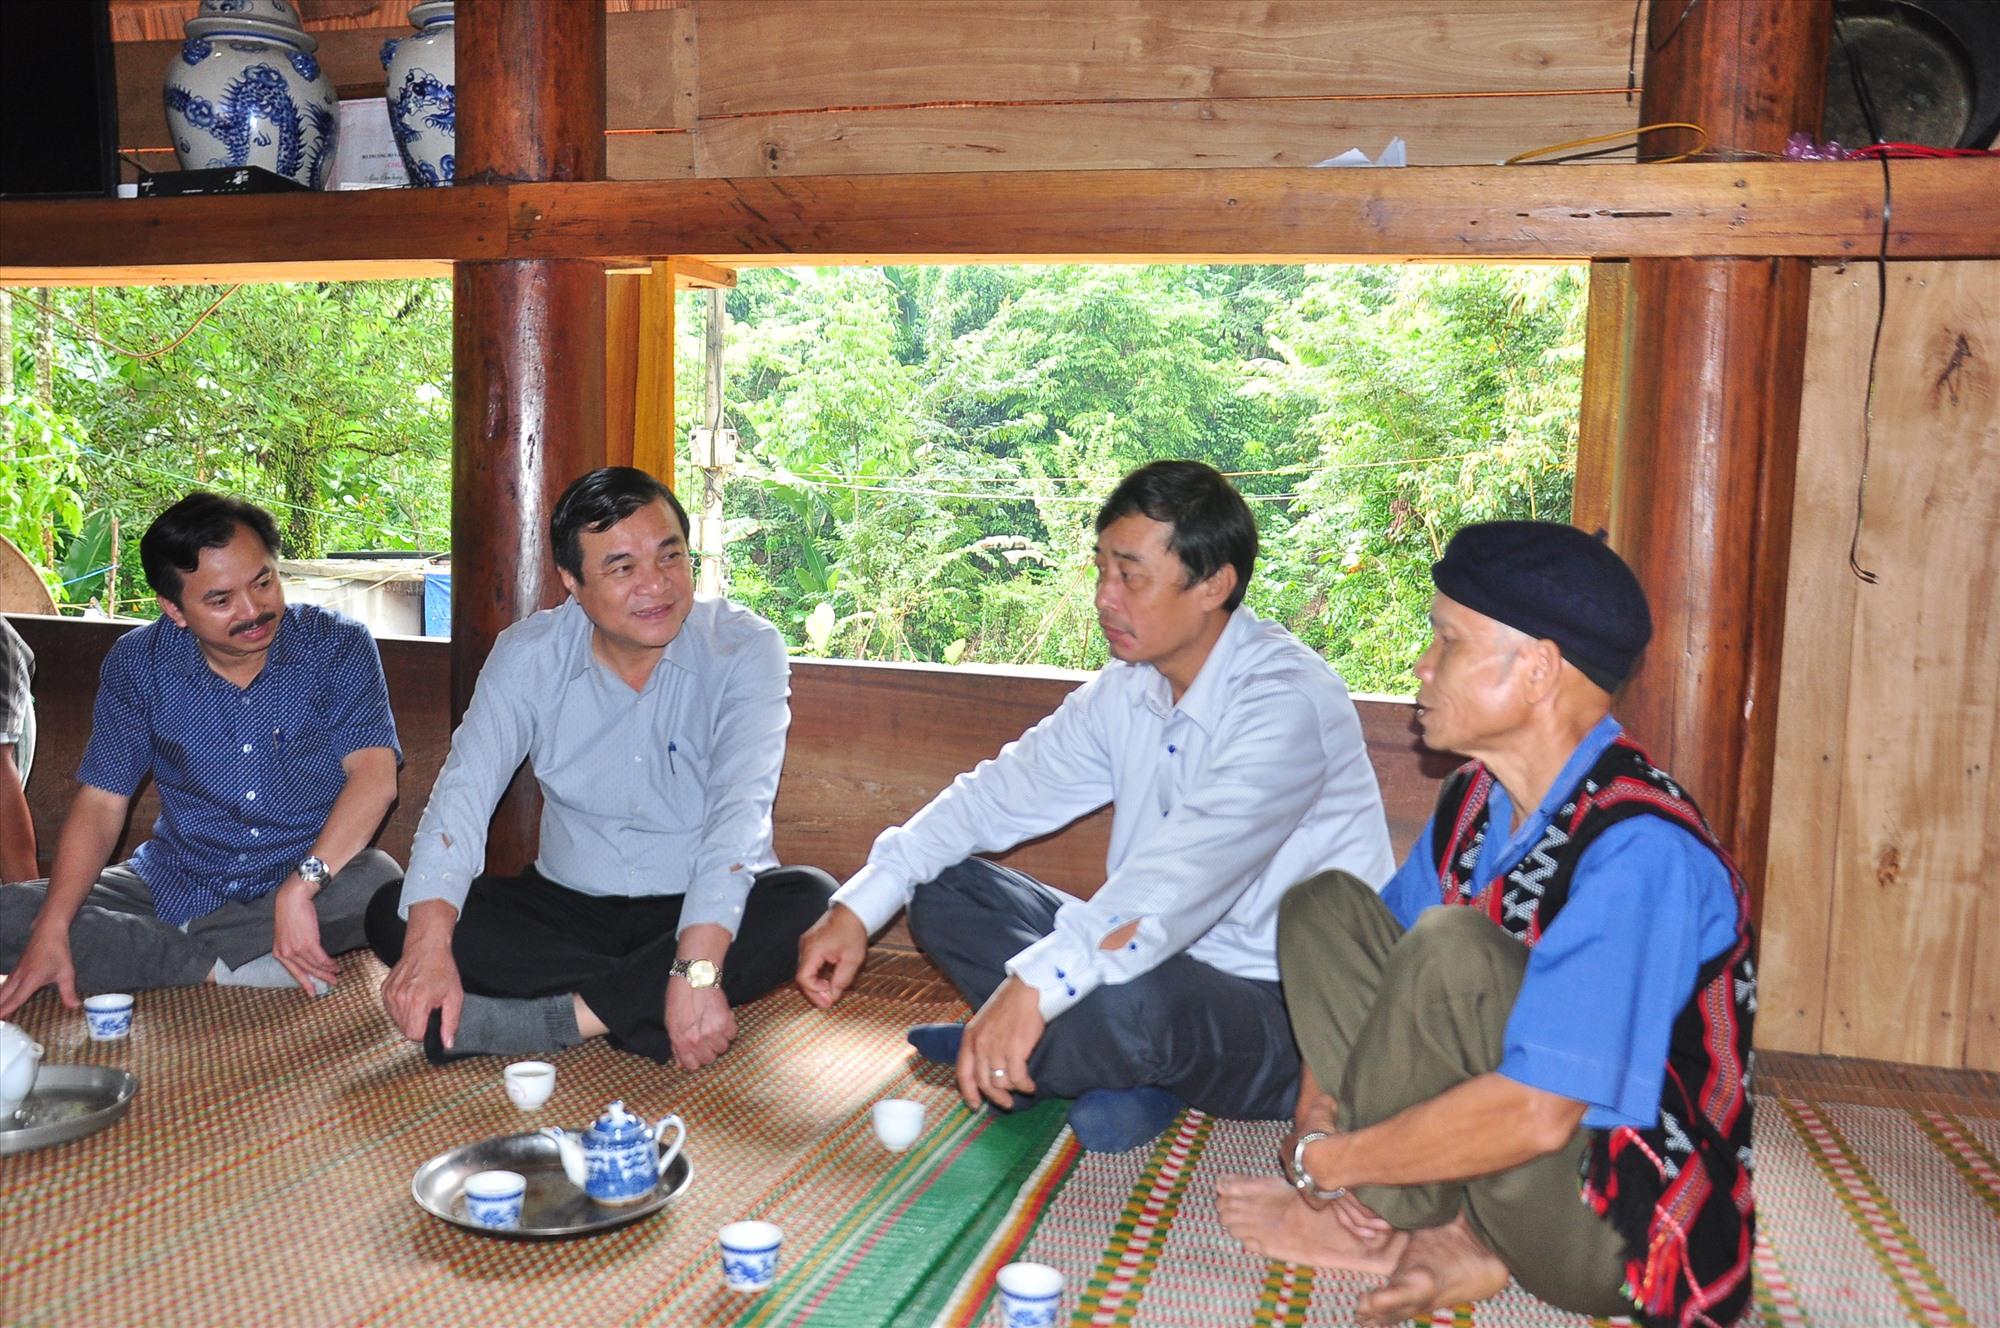 Bí thư Tỉnh ủy Phan Việt Cường thăm hỏi, ghi nhận sự đóng góp tích cực của các già làng trong phát triển kinh tế - xã hội miền núi. Ảnh: V.ANH